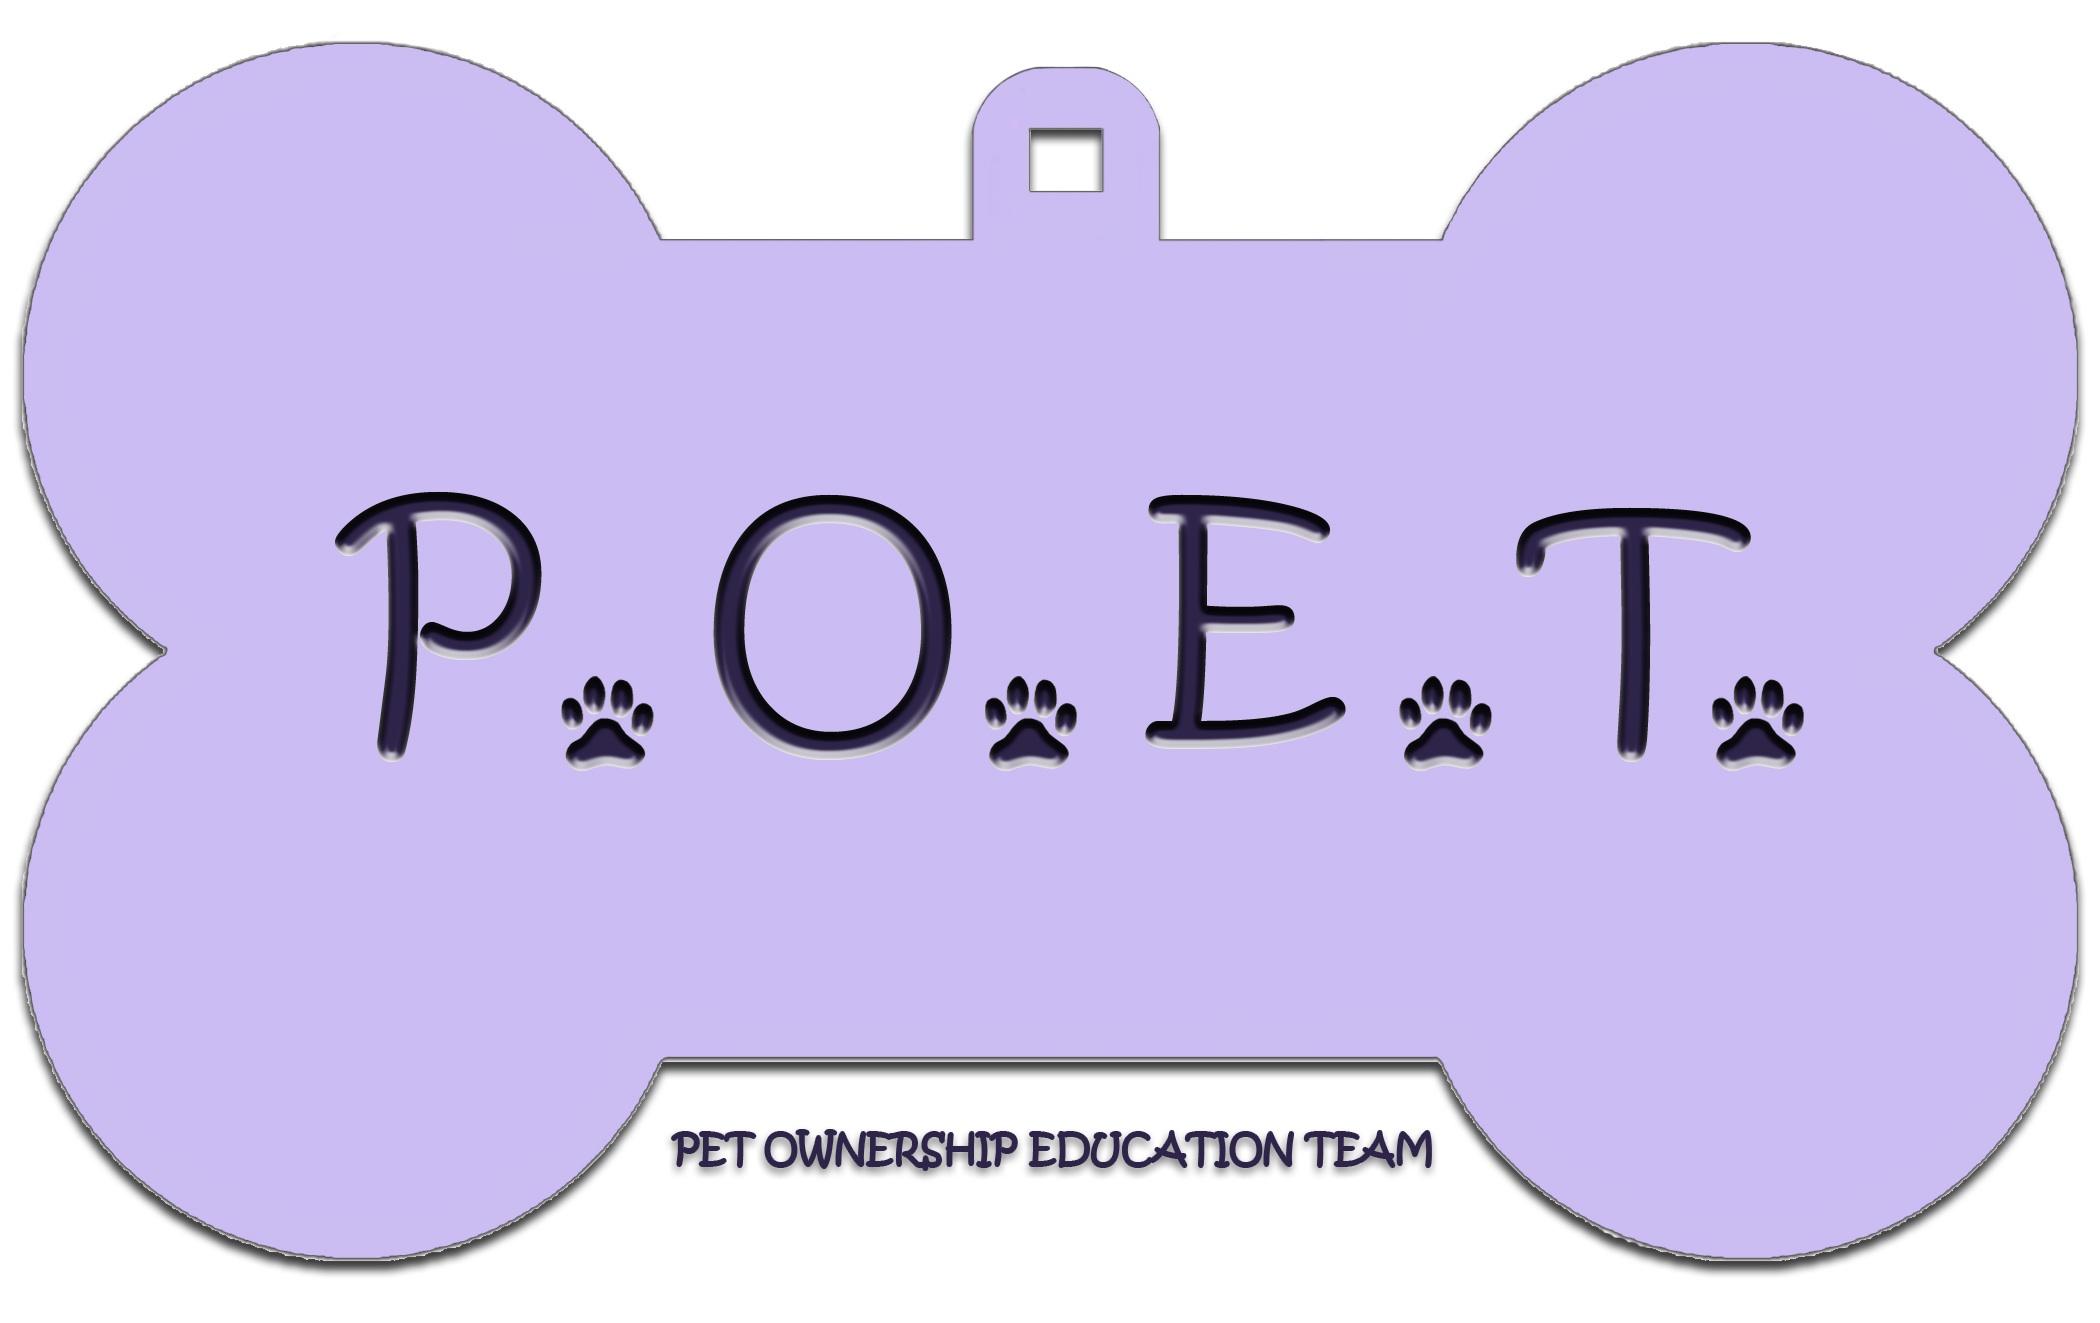 P.O.E.T. Animal Rescue